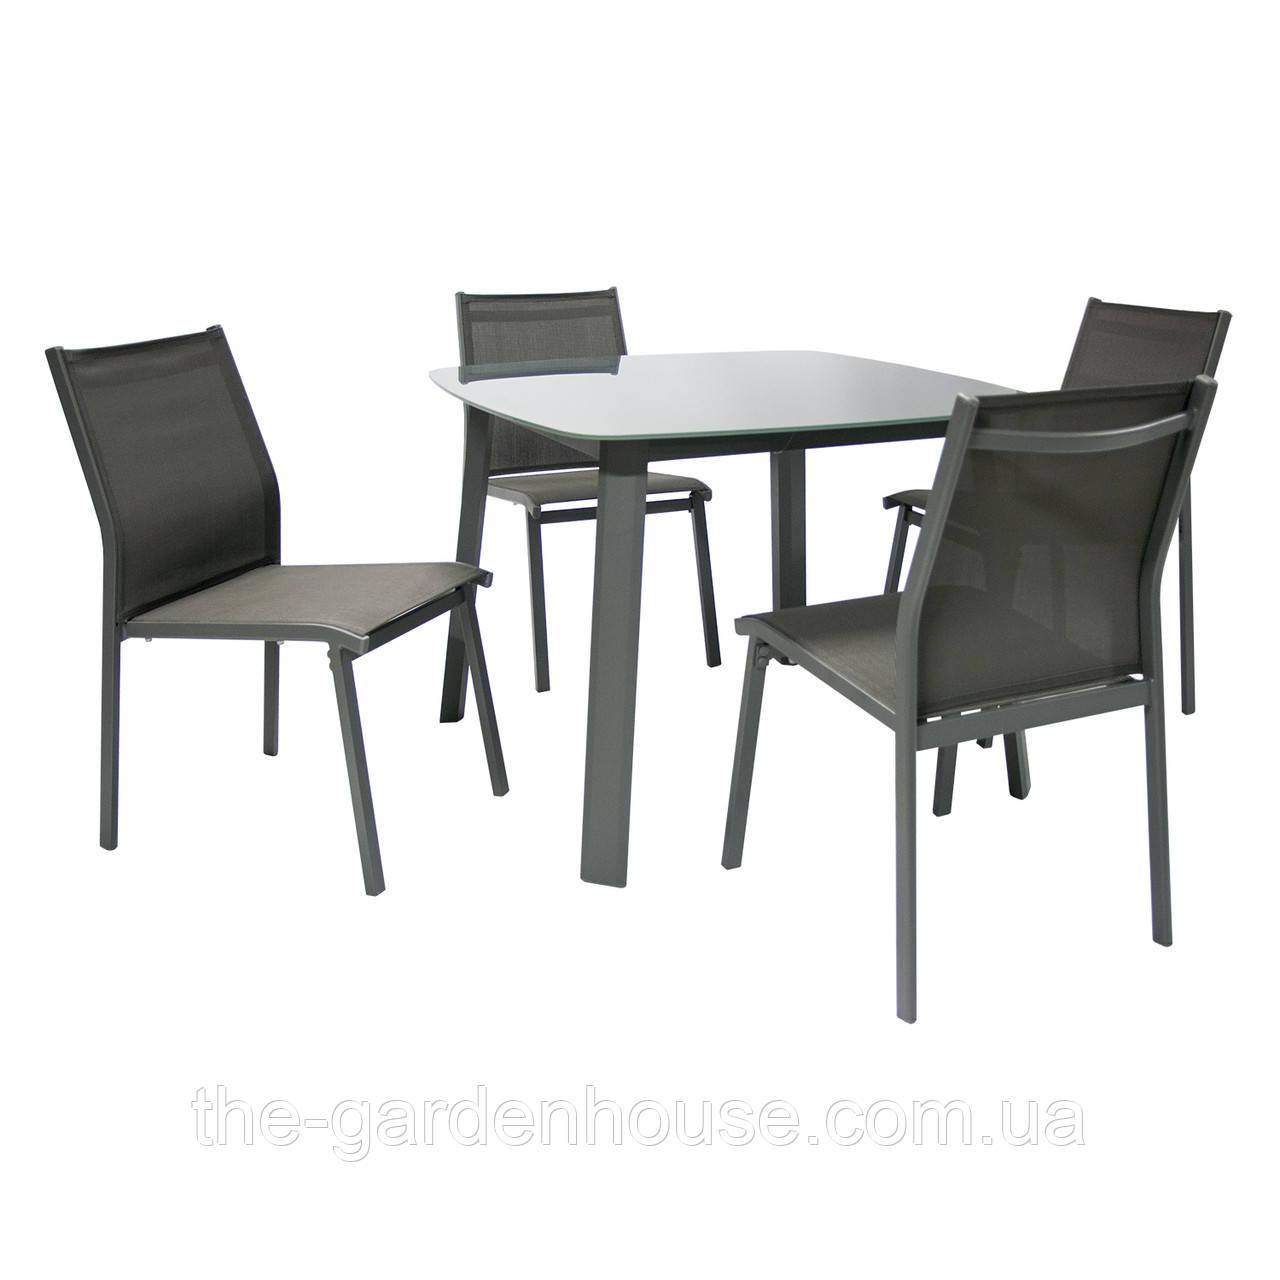 Обеденный набор садовой мебели Vigo: стол и 4 стула серый